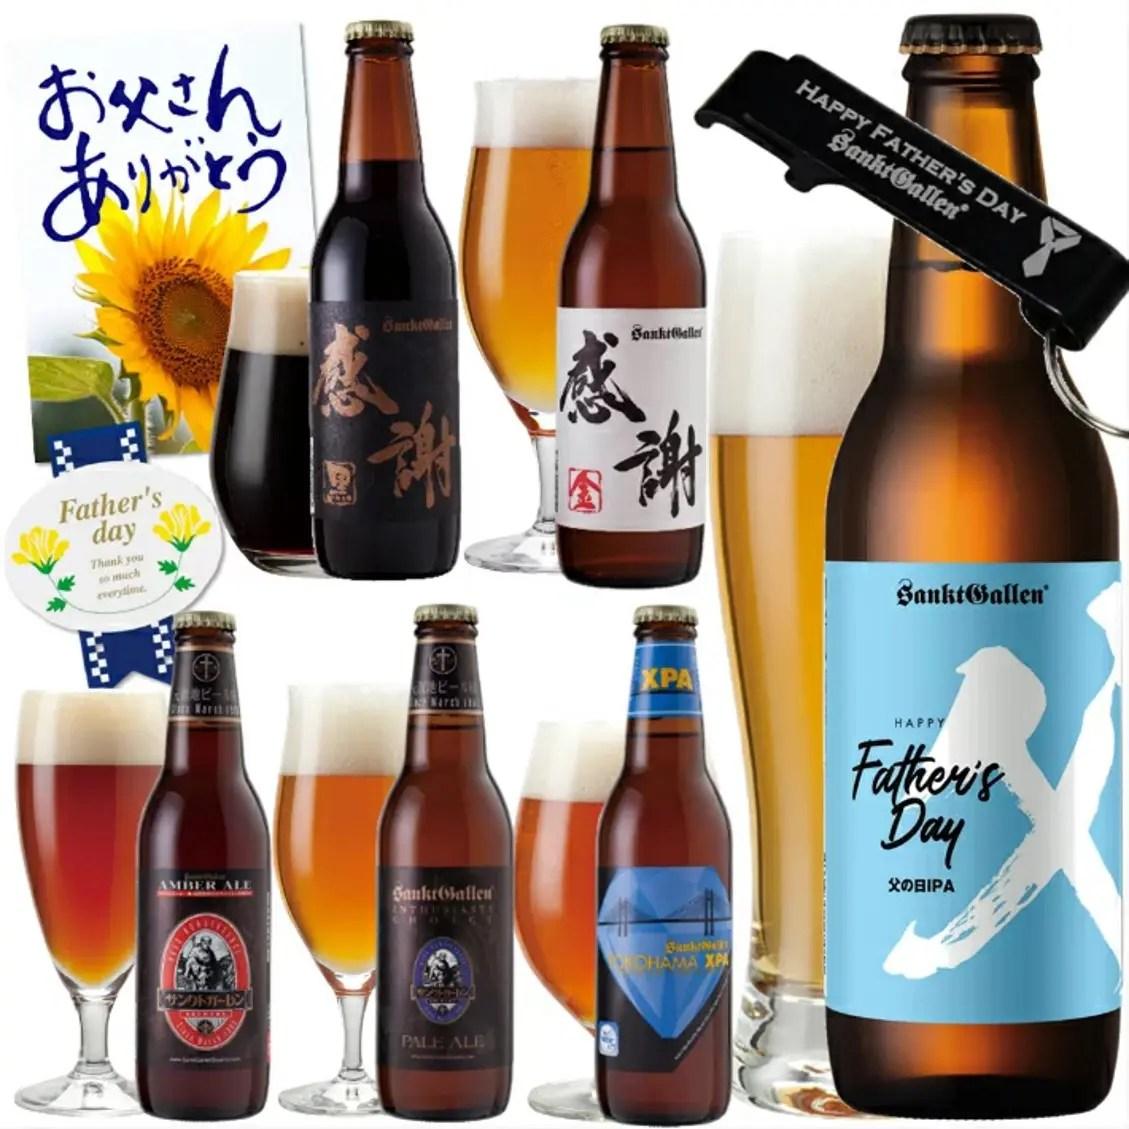 <栓抜き付き>父の日ギフト クラフトビール6種 飲み比べセット